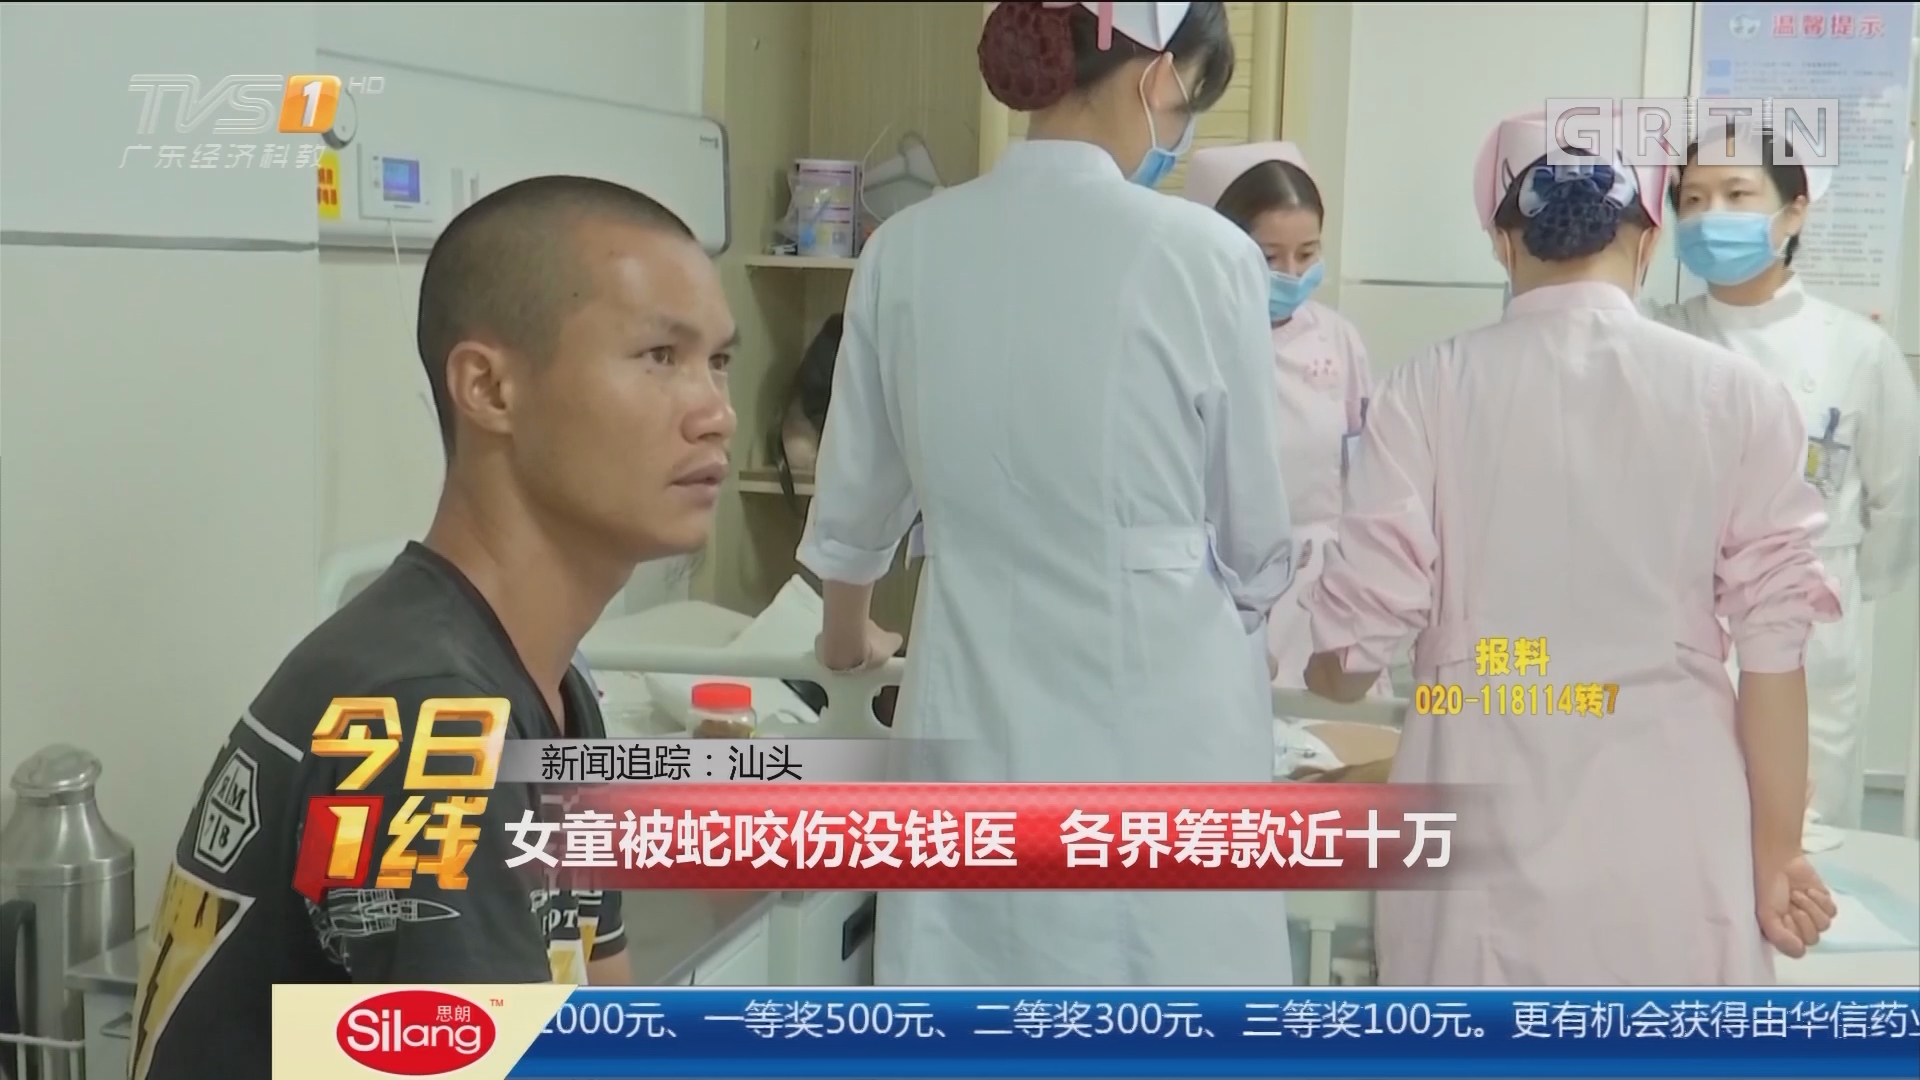 新闻追踪:汕头 女童被蛇咬伤没钱医 各界筹款近十万